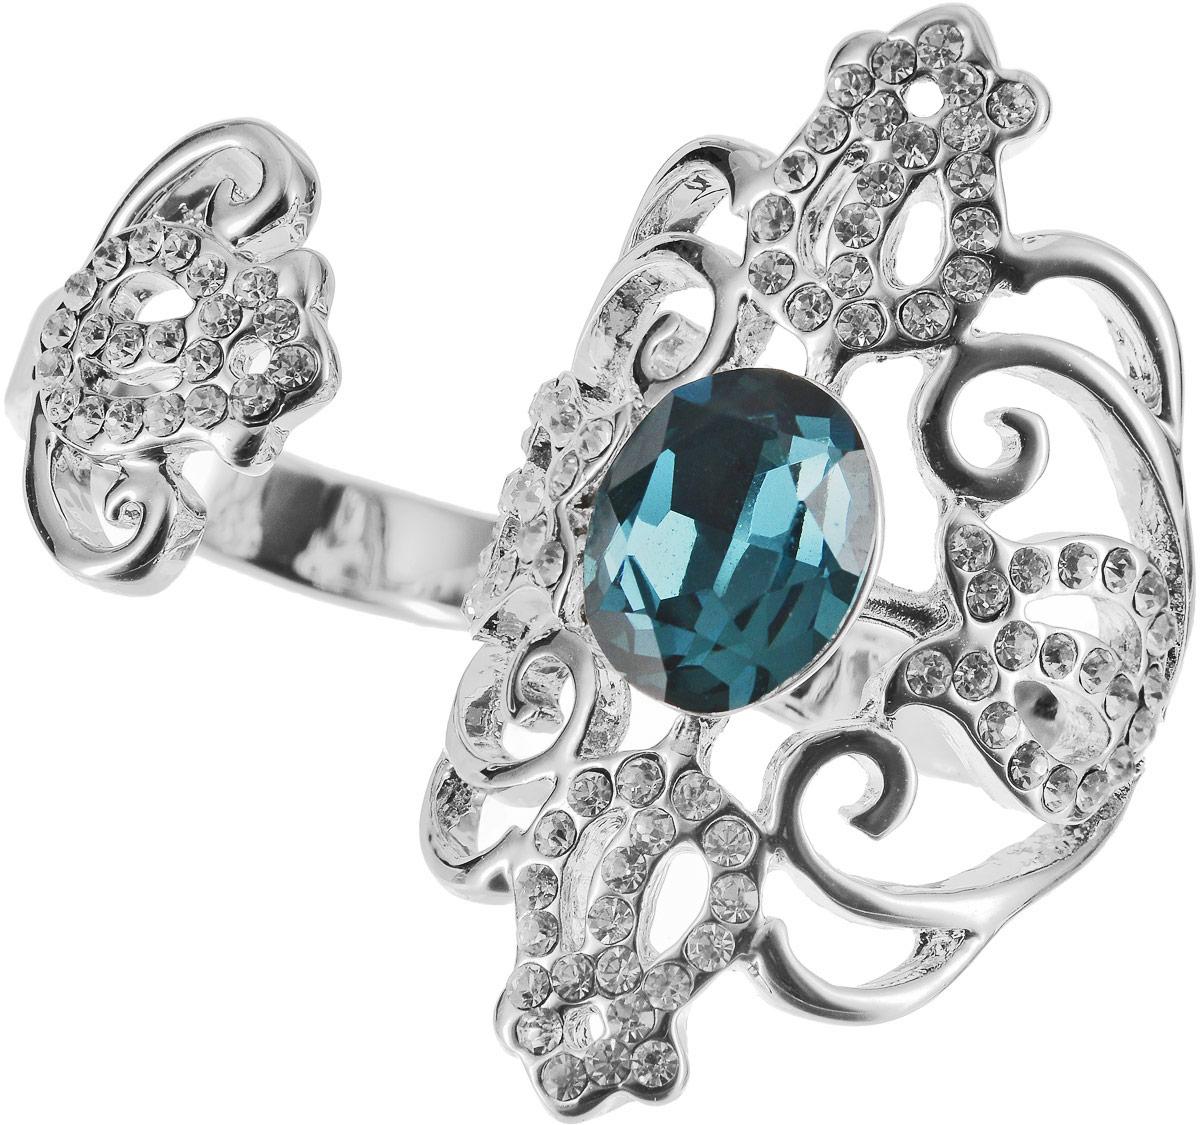 Кольцо на два пальца Art-Silver, цвет: серебряный, бирюзовый. 06816-1319. Размер 18 серьги art silver цвет серебряный 27958 577